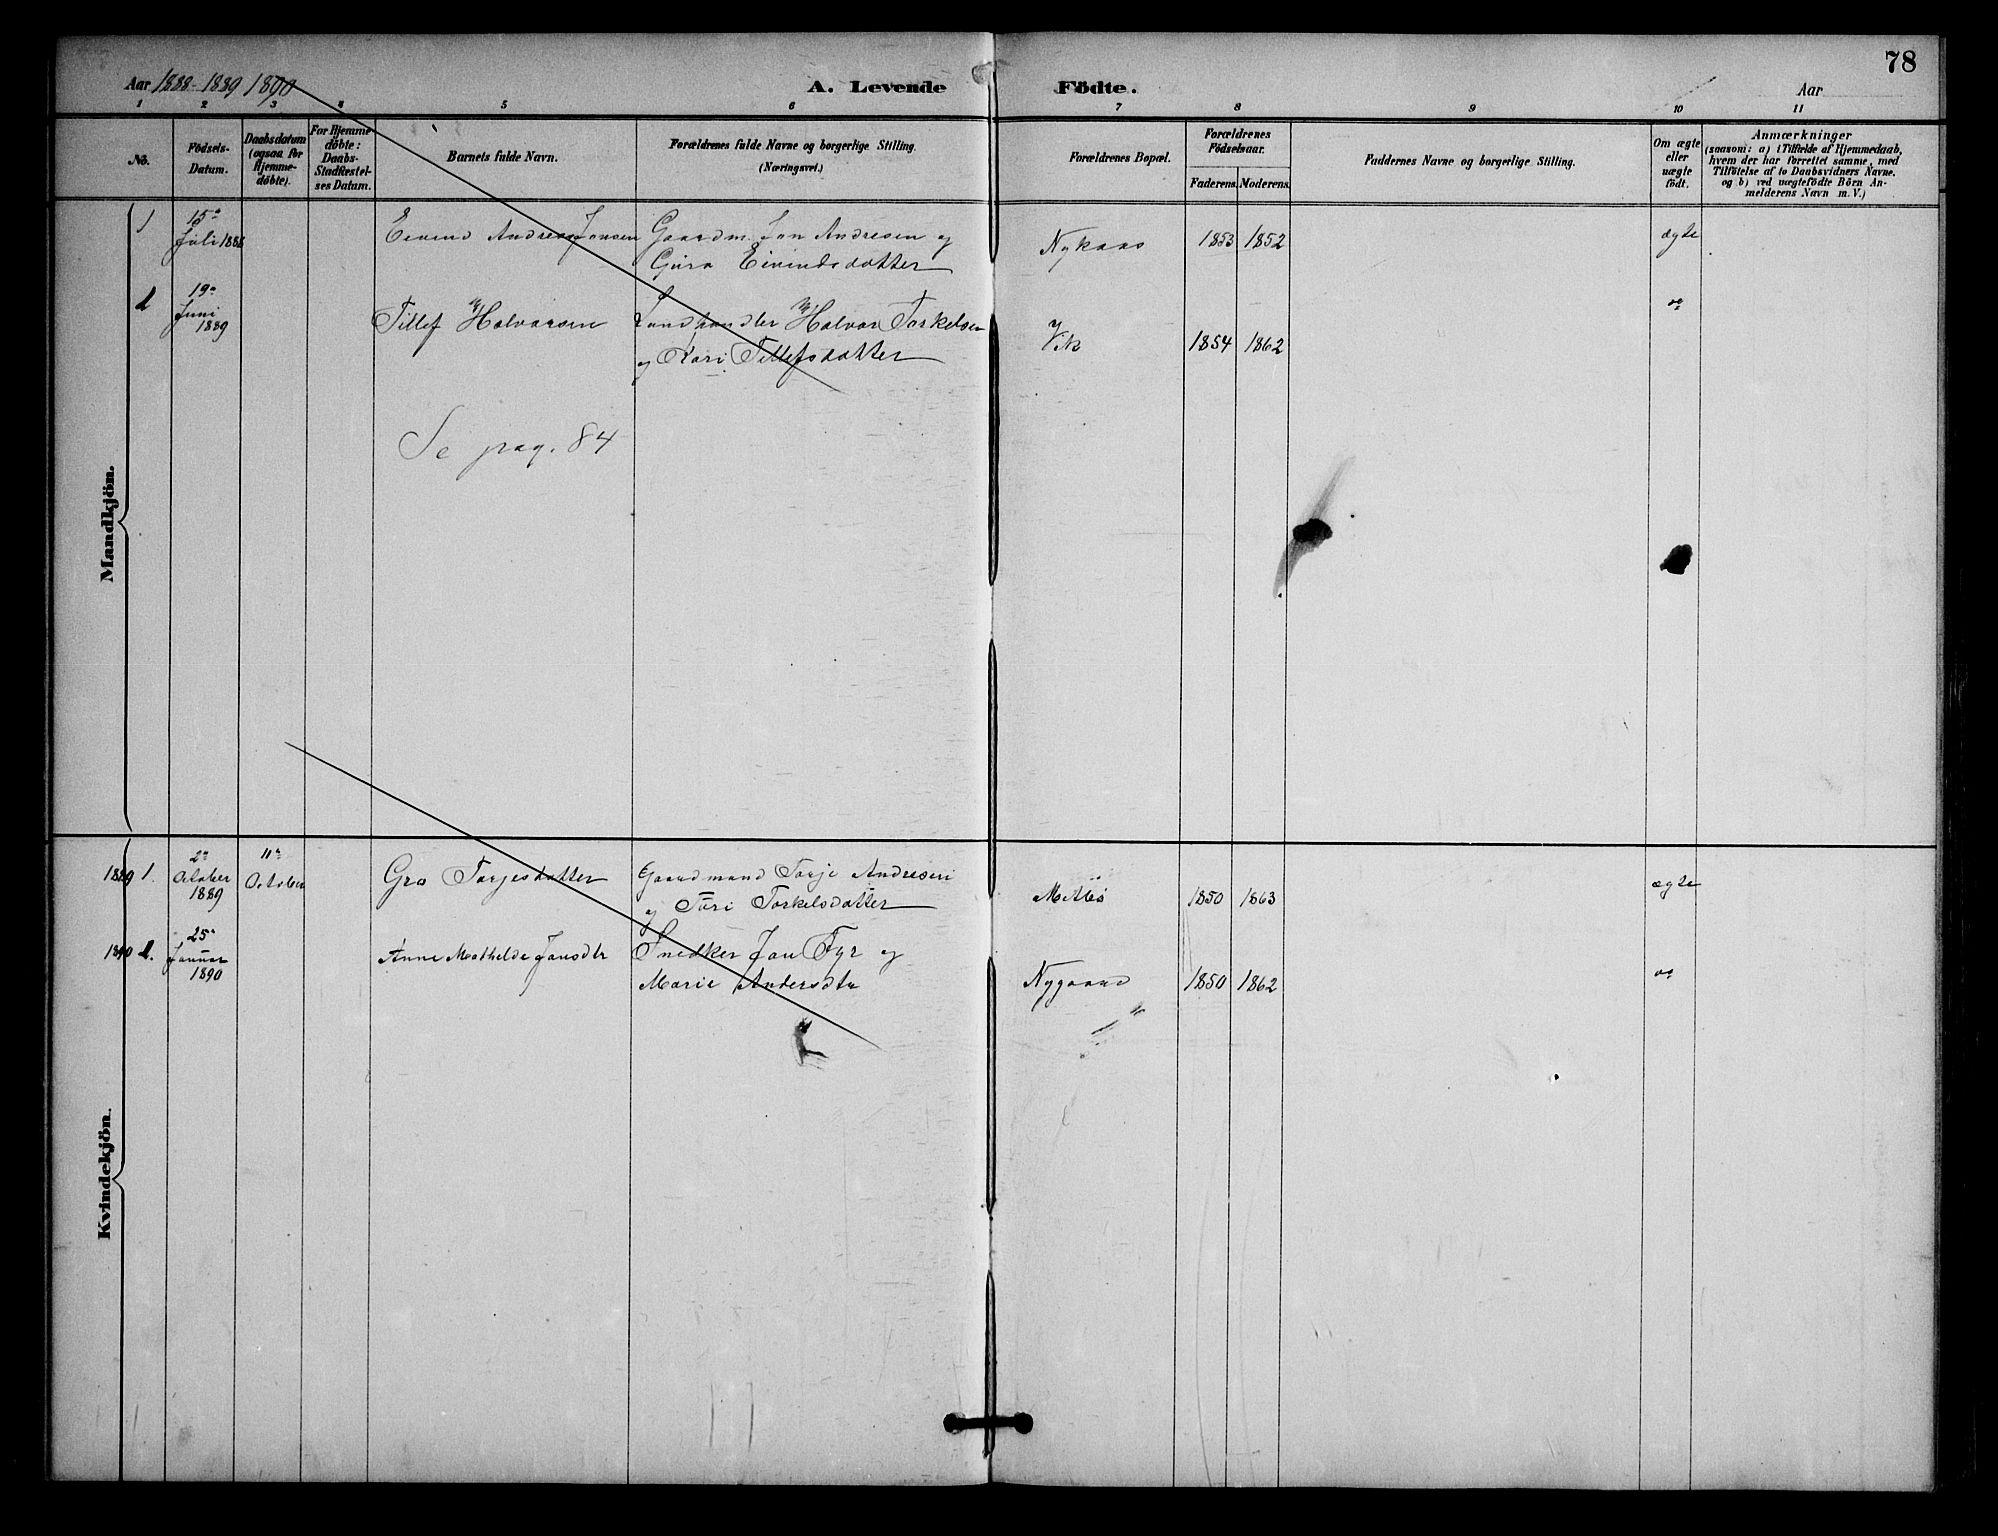 SAKO, Nissedal kirkebøker, G/Ga/L0003: Klokkerbok nr. I 3, 1887-1911, s. 78